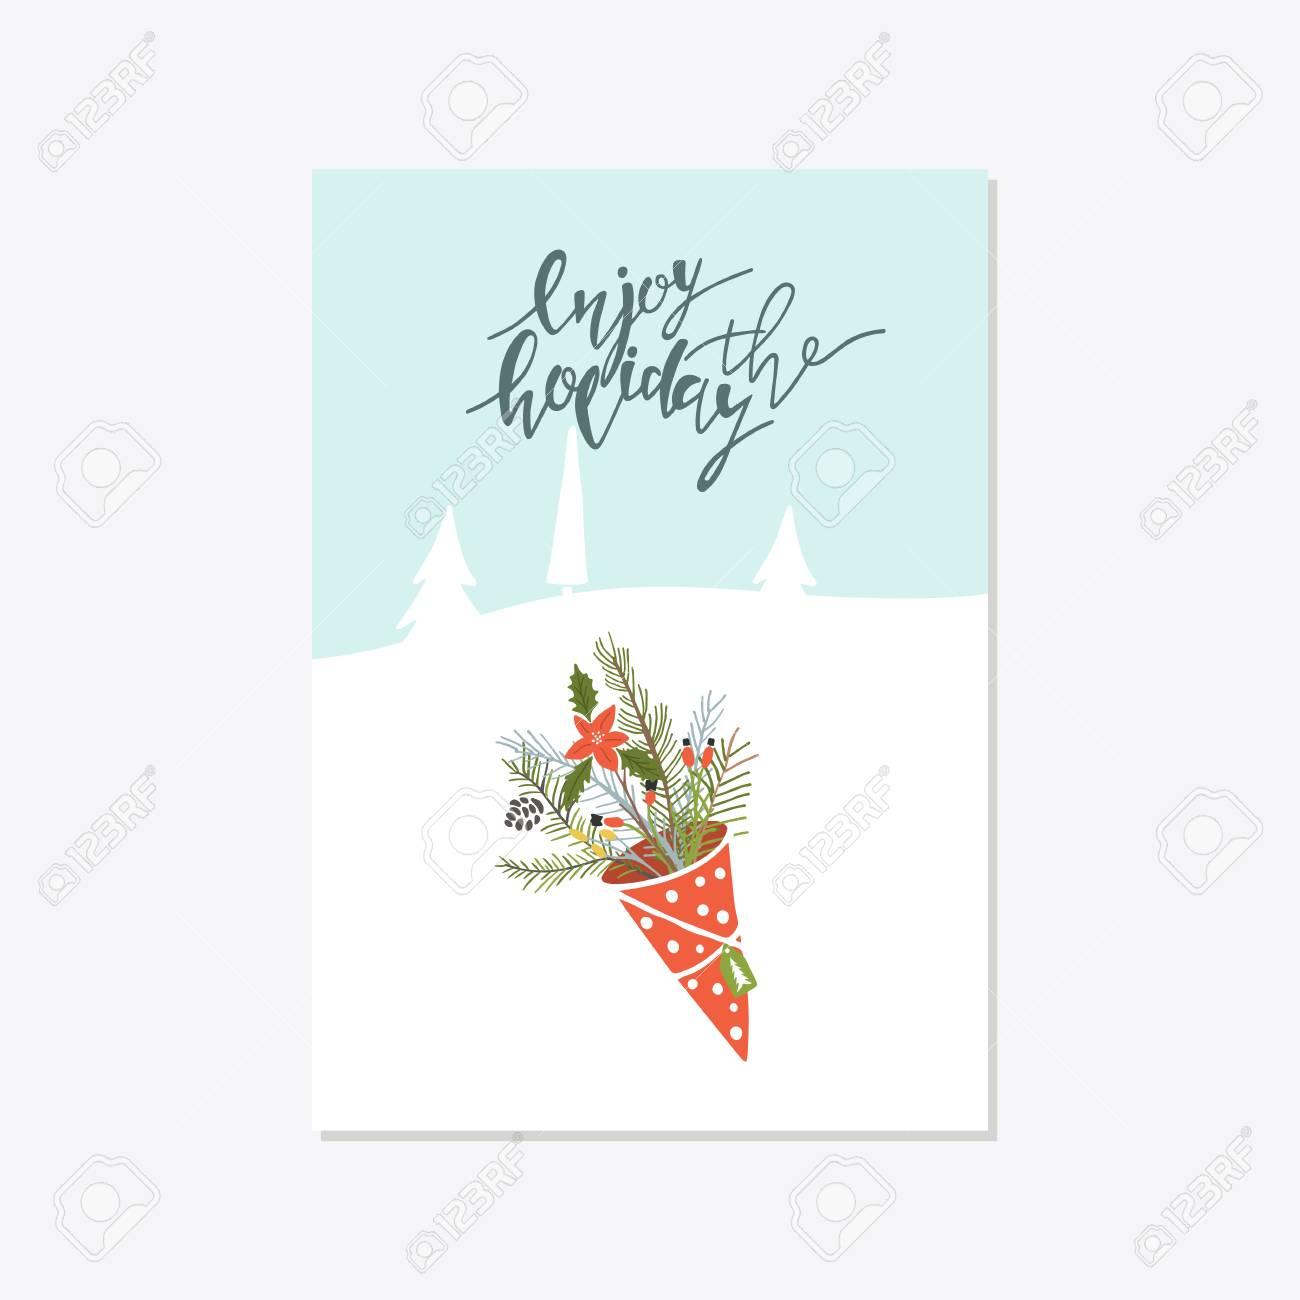 Schablone Frohe Weihnachten.Stock Photo